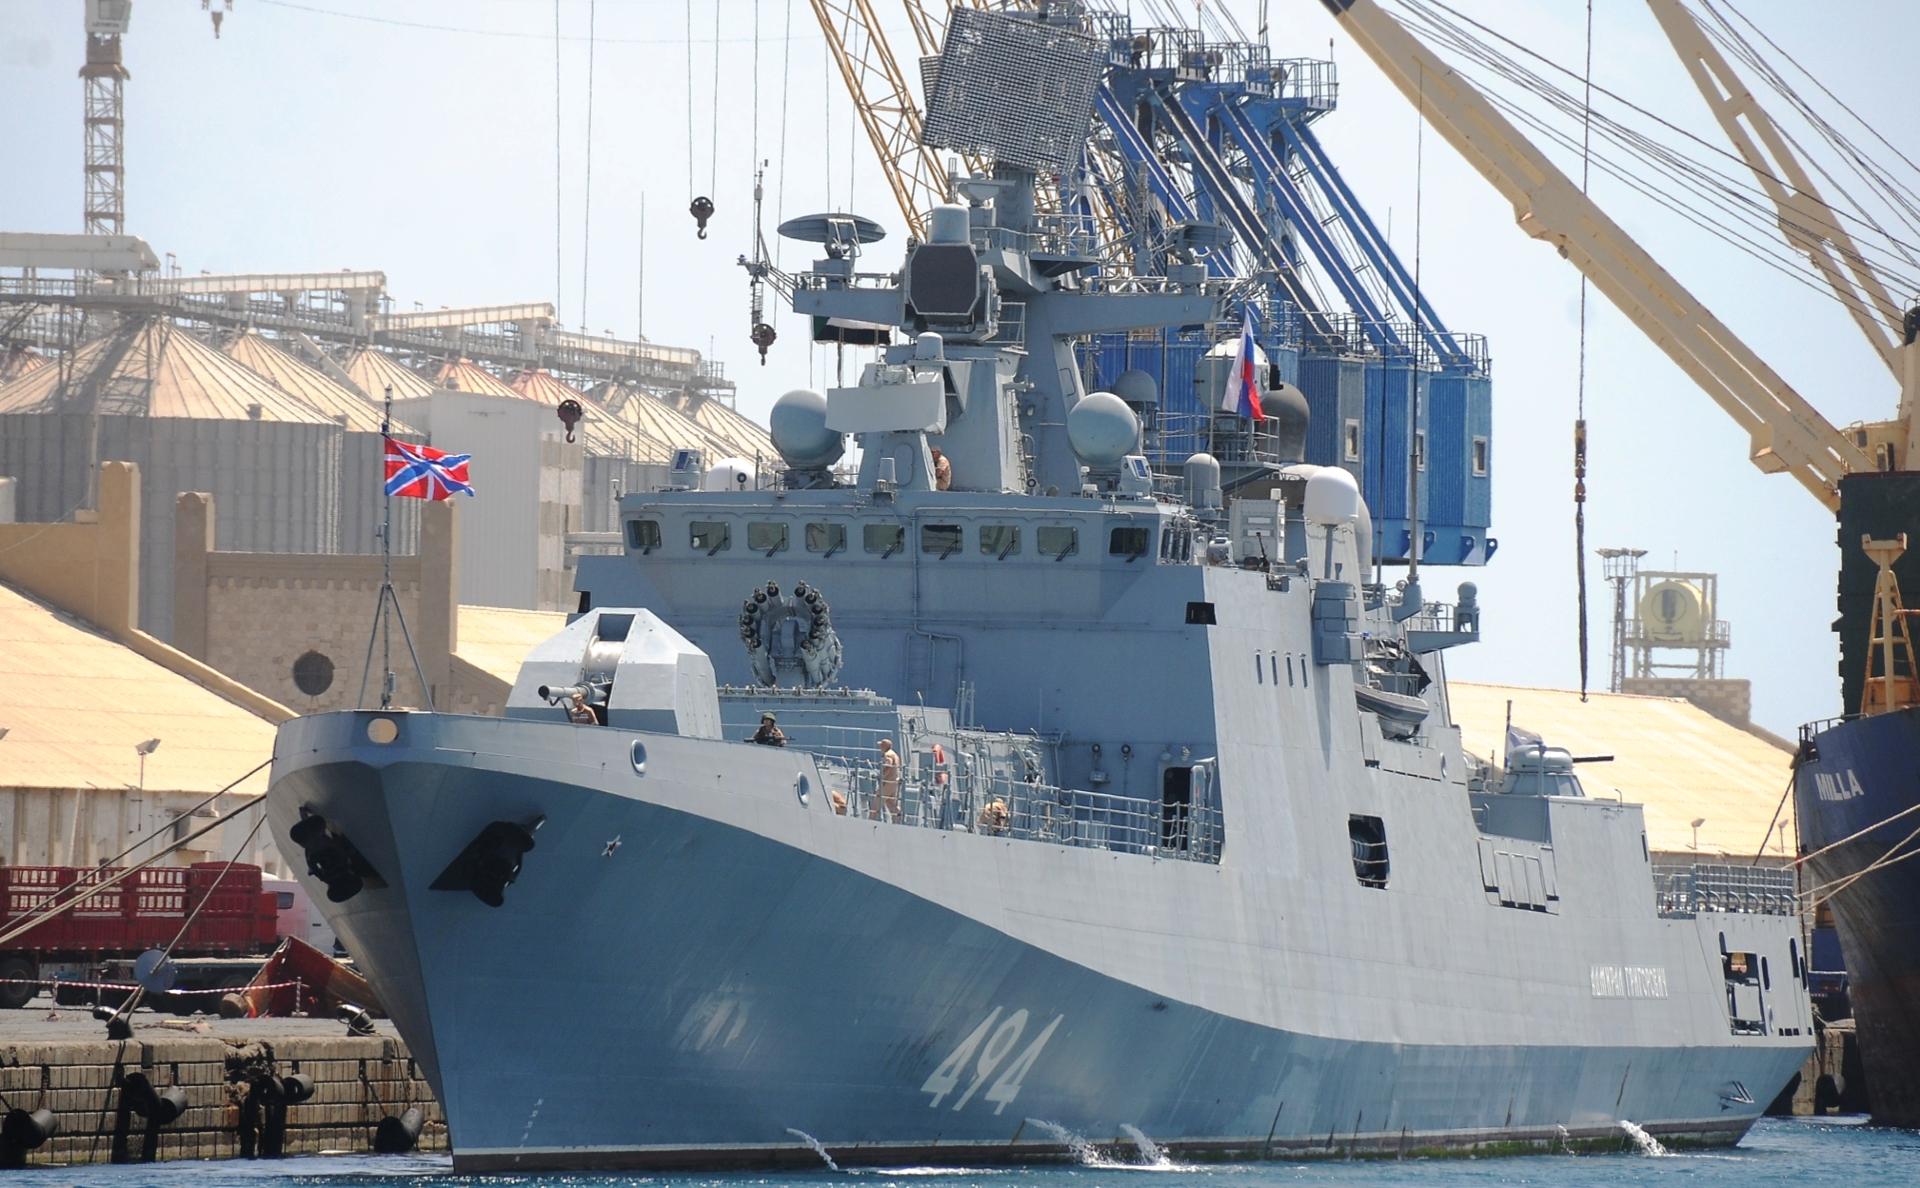 Российский боевой корабль «Адмирал Григорович» в Порт-Судане